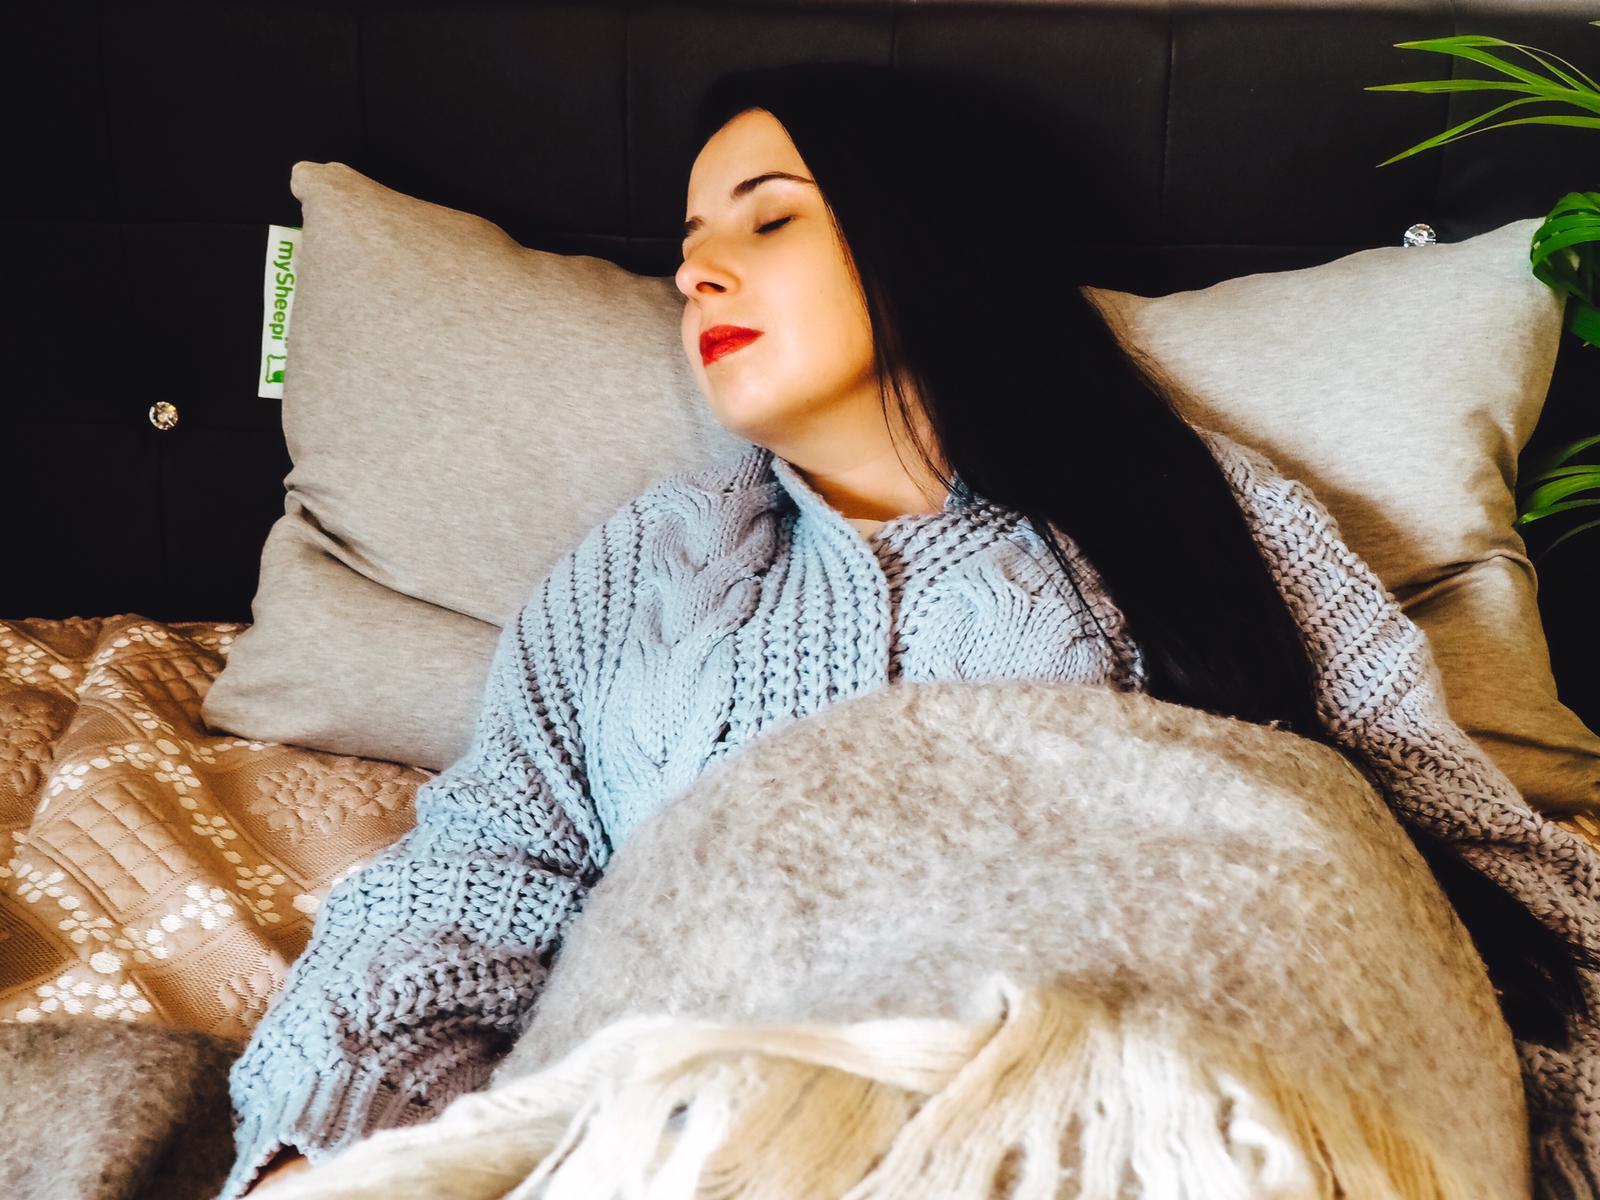 Die mySheepi Kissen wurden nach den aktuellsten Erkenntnissen der atlasmedizinischen Forschung entwickelt und verhelfen euch zu einem entspannten Schlaf.